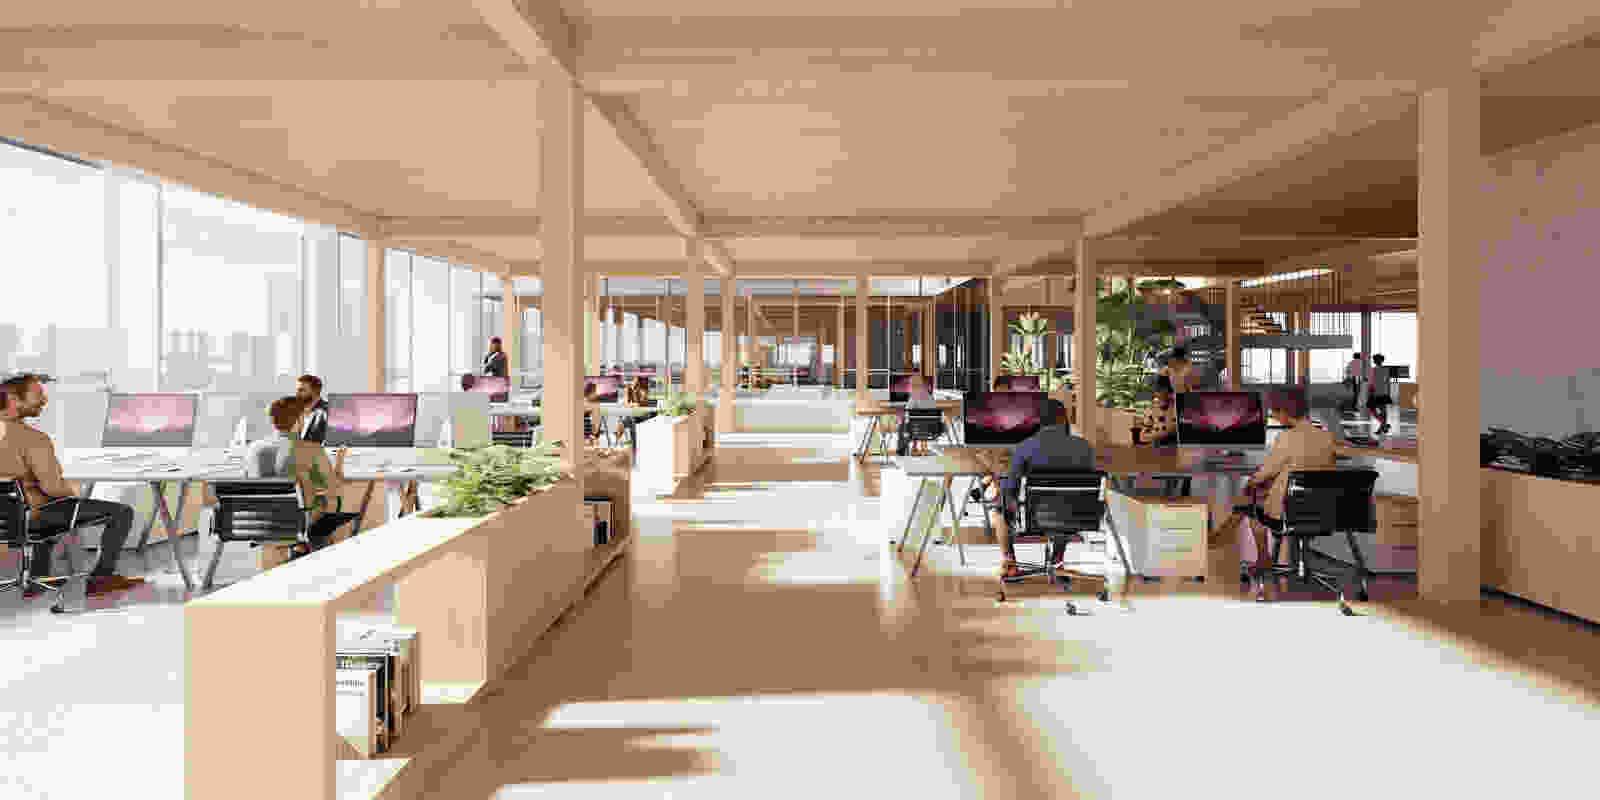 491 dmaa vis 11 A1 office space